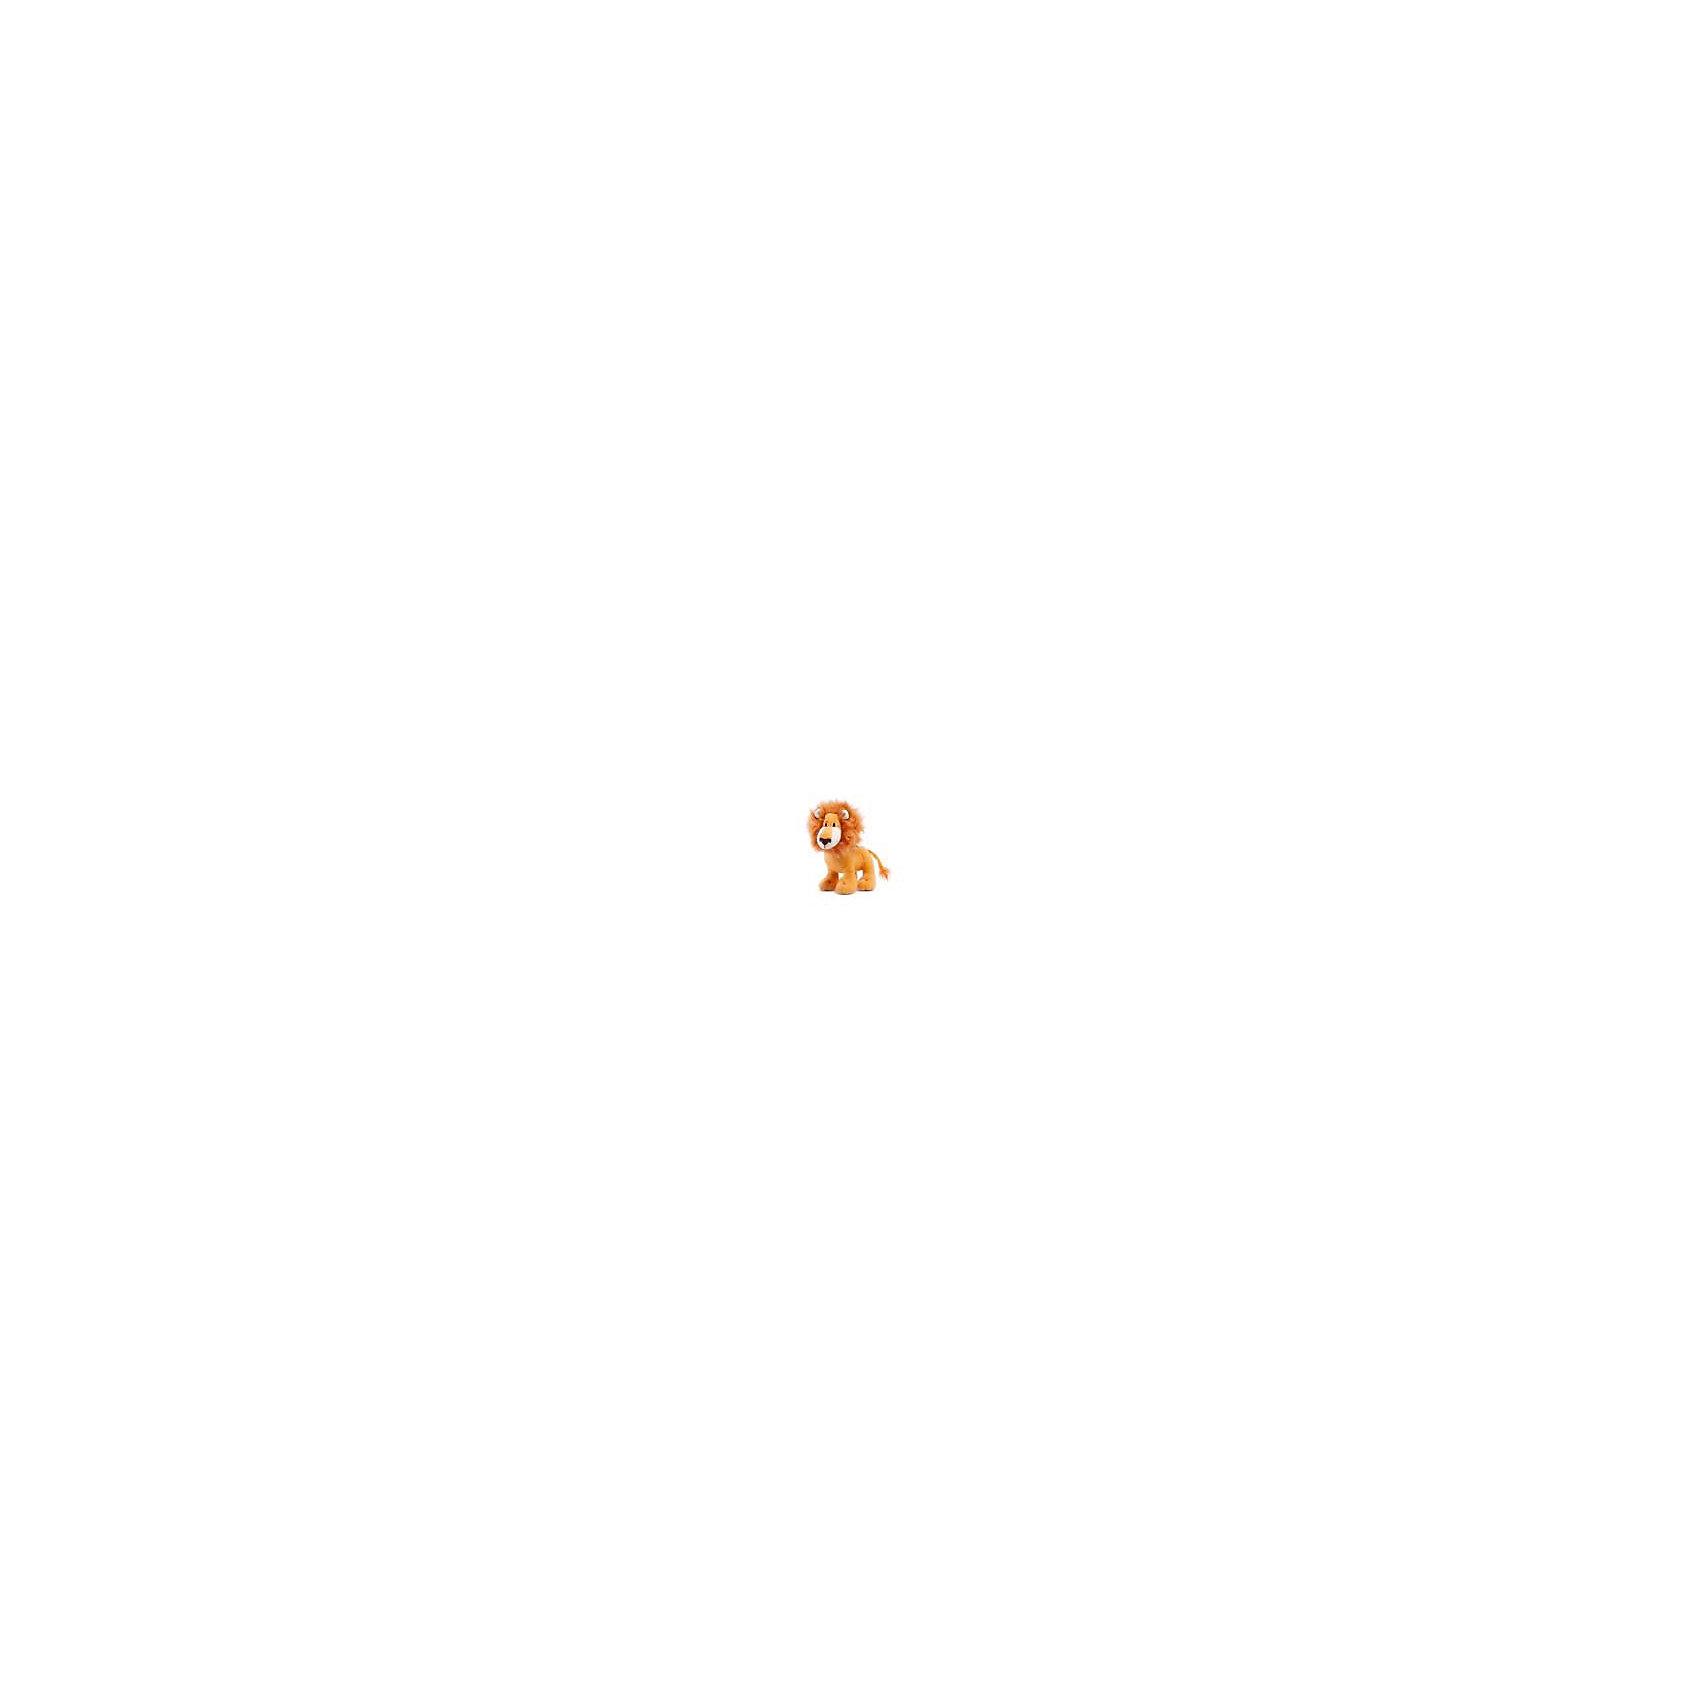 Лев Рони, музыкальный, LAVAЛев Рони очарует кого угодно. У него пушистая грива и добрые глаза, а еще он умеет петь веселую песенку! Игрушка выполнена из высококачественного гипоаллергенного материала, очень приятна на ощупь, абсолютно безопасна для детей.  <br><br>Дополнительная информация:<br><br>- Материал: текстиль, синтепон, пластик.<br>- Высота: 22 см. <br>- Поет песенку. <br>- Элемент питания: батарейка (в комплекте).<br><br>Льва Рони, музыкального, 22 см., LAVA (ЛАВА) можно купить в нашем магазине.<br><br>Ширина мм: 150<br>Глубина мм: 150<br>Высота мм: 250<br>Вес г: 375<br>Возраст от месяцев: 36<br>Возраст до месяцев: 1188<br>Пол: Унисекс<br>Возраст: Детский<br>SKU: 4444190